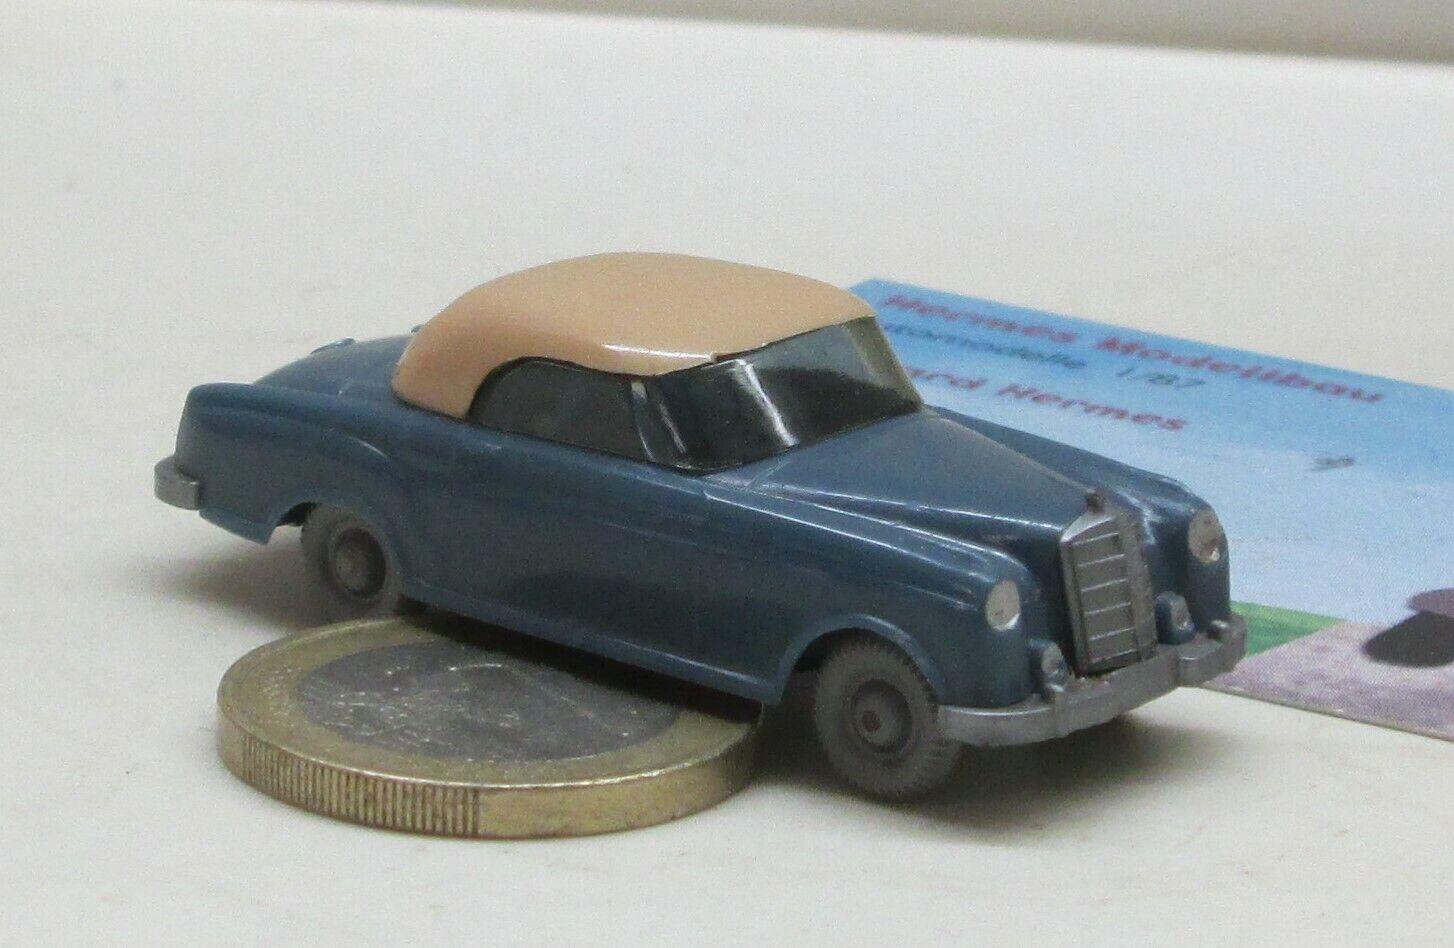 ventas al por mayor Wiking 144-2b 144-2b 144-2b  mercedes 220 Coupe '55, H 'Azur beige (1077)  últimos estilos